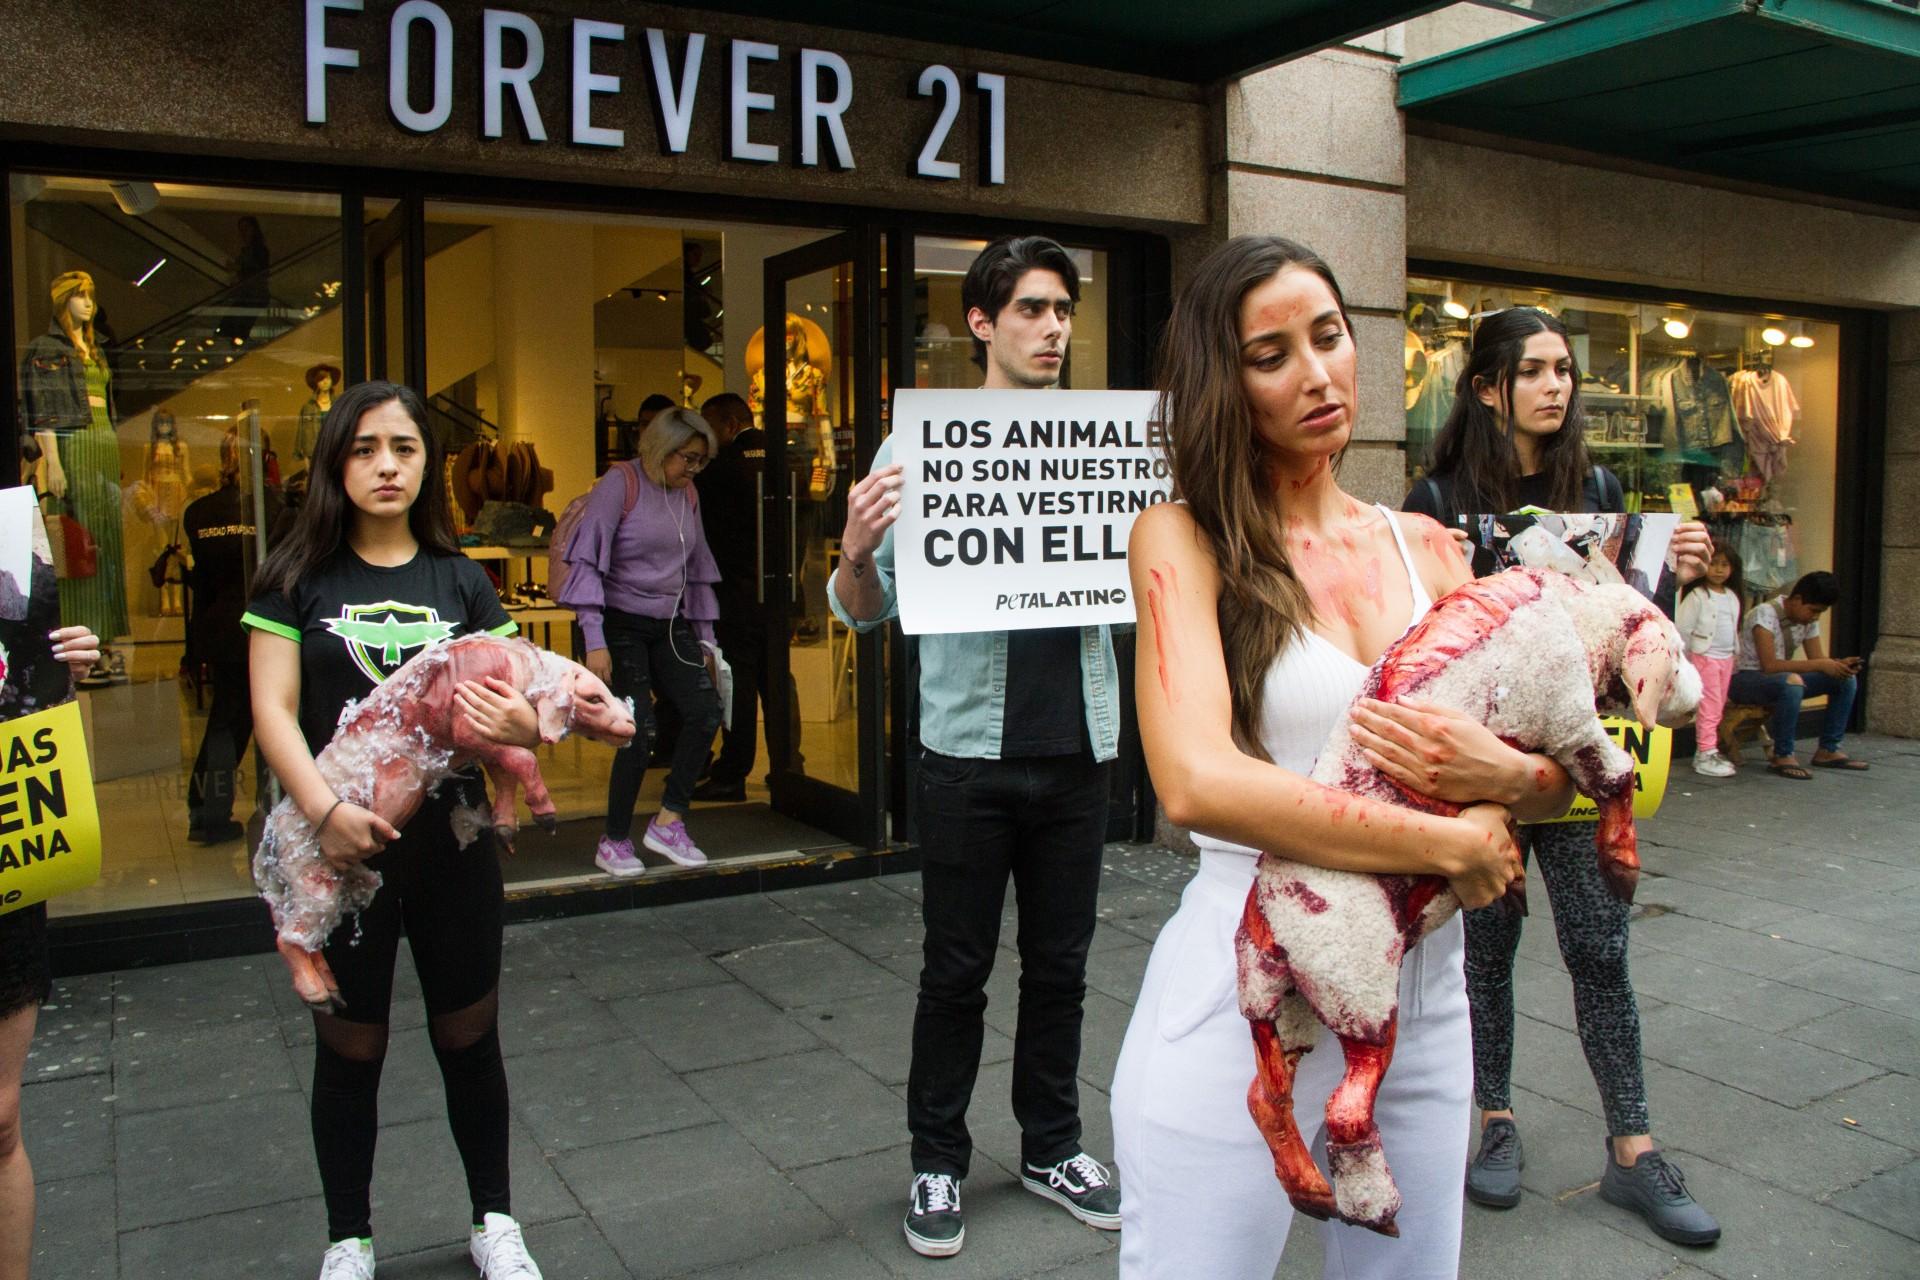 Protesta Sofía Sisniega frente a tienda contra crueldad animal